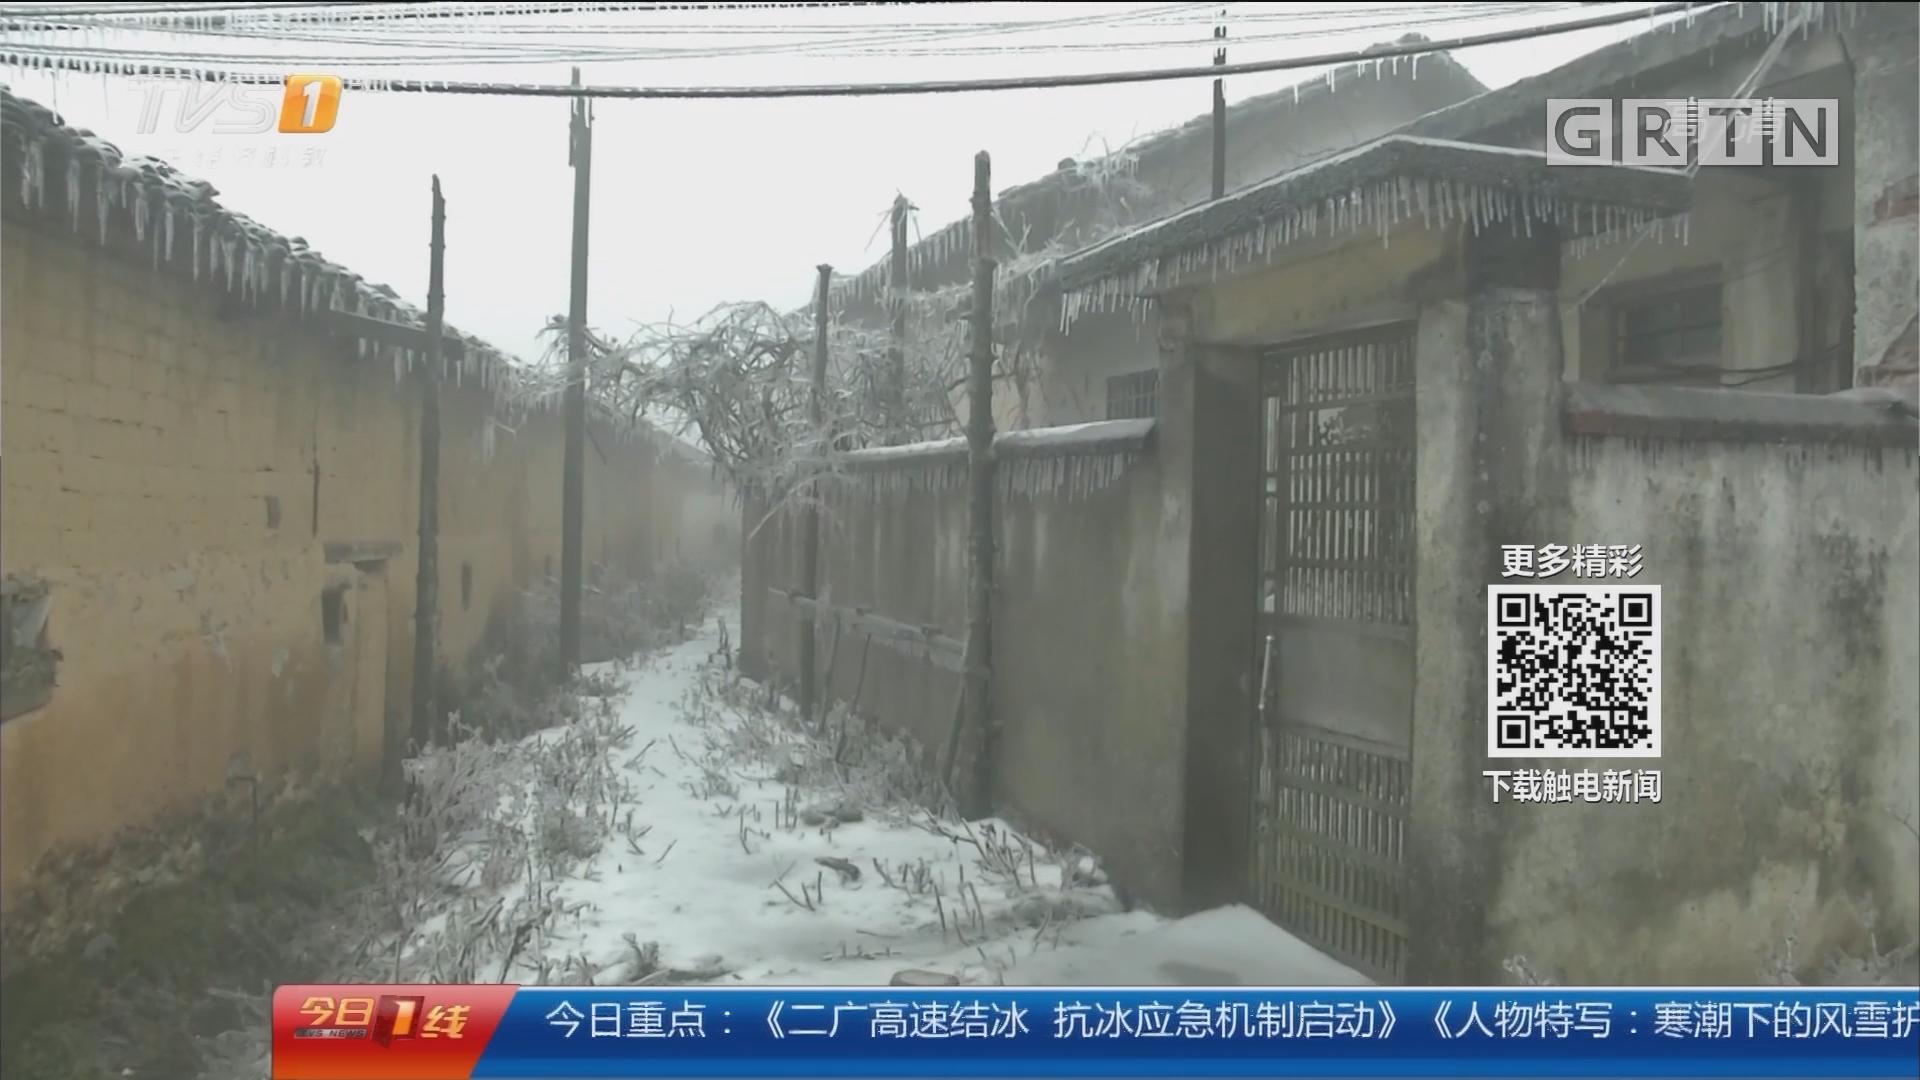 关注寒潮:韶关乳源瑶族自治县 冰雪一片 路面结冰不通车